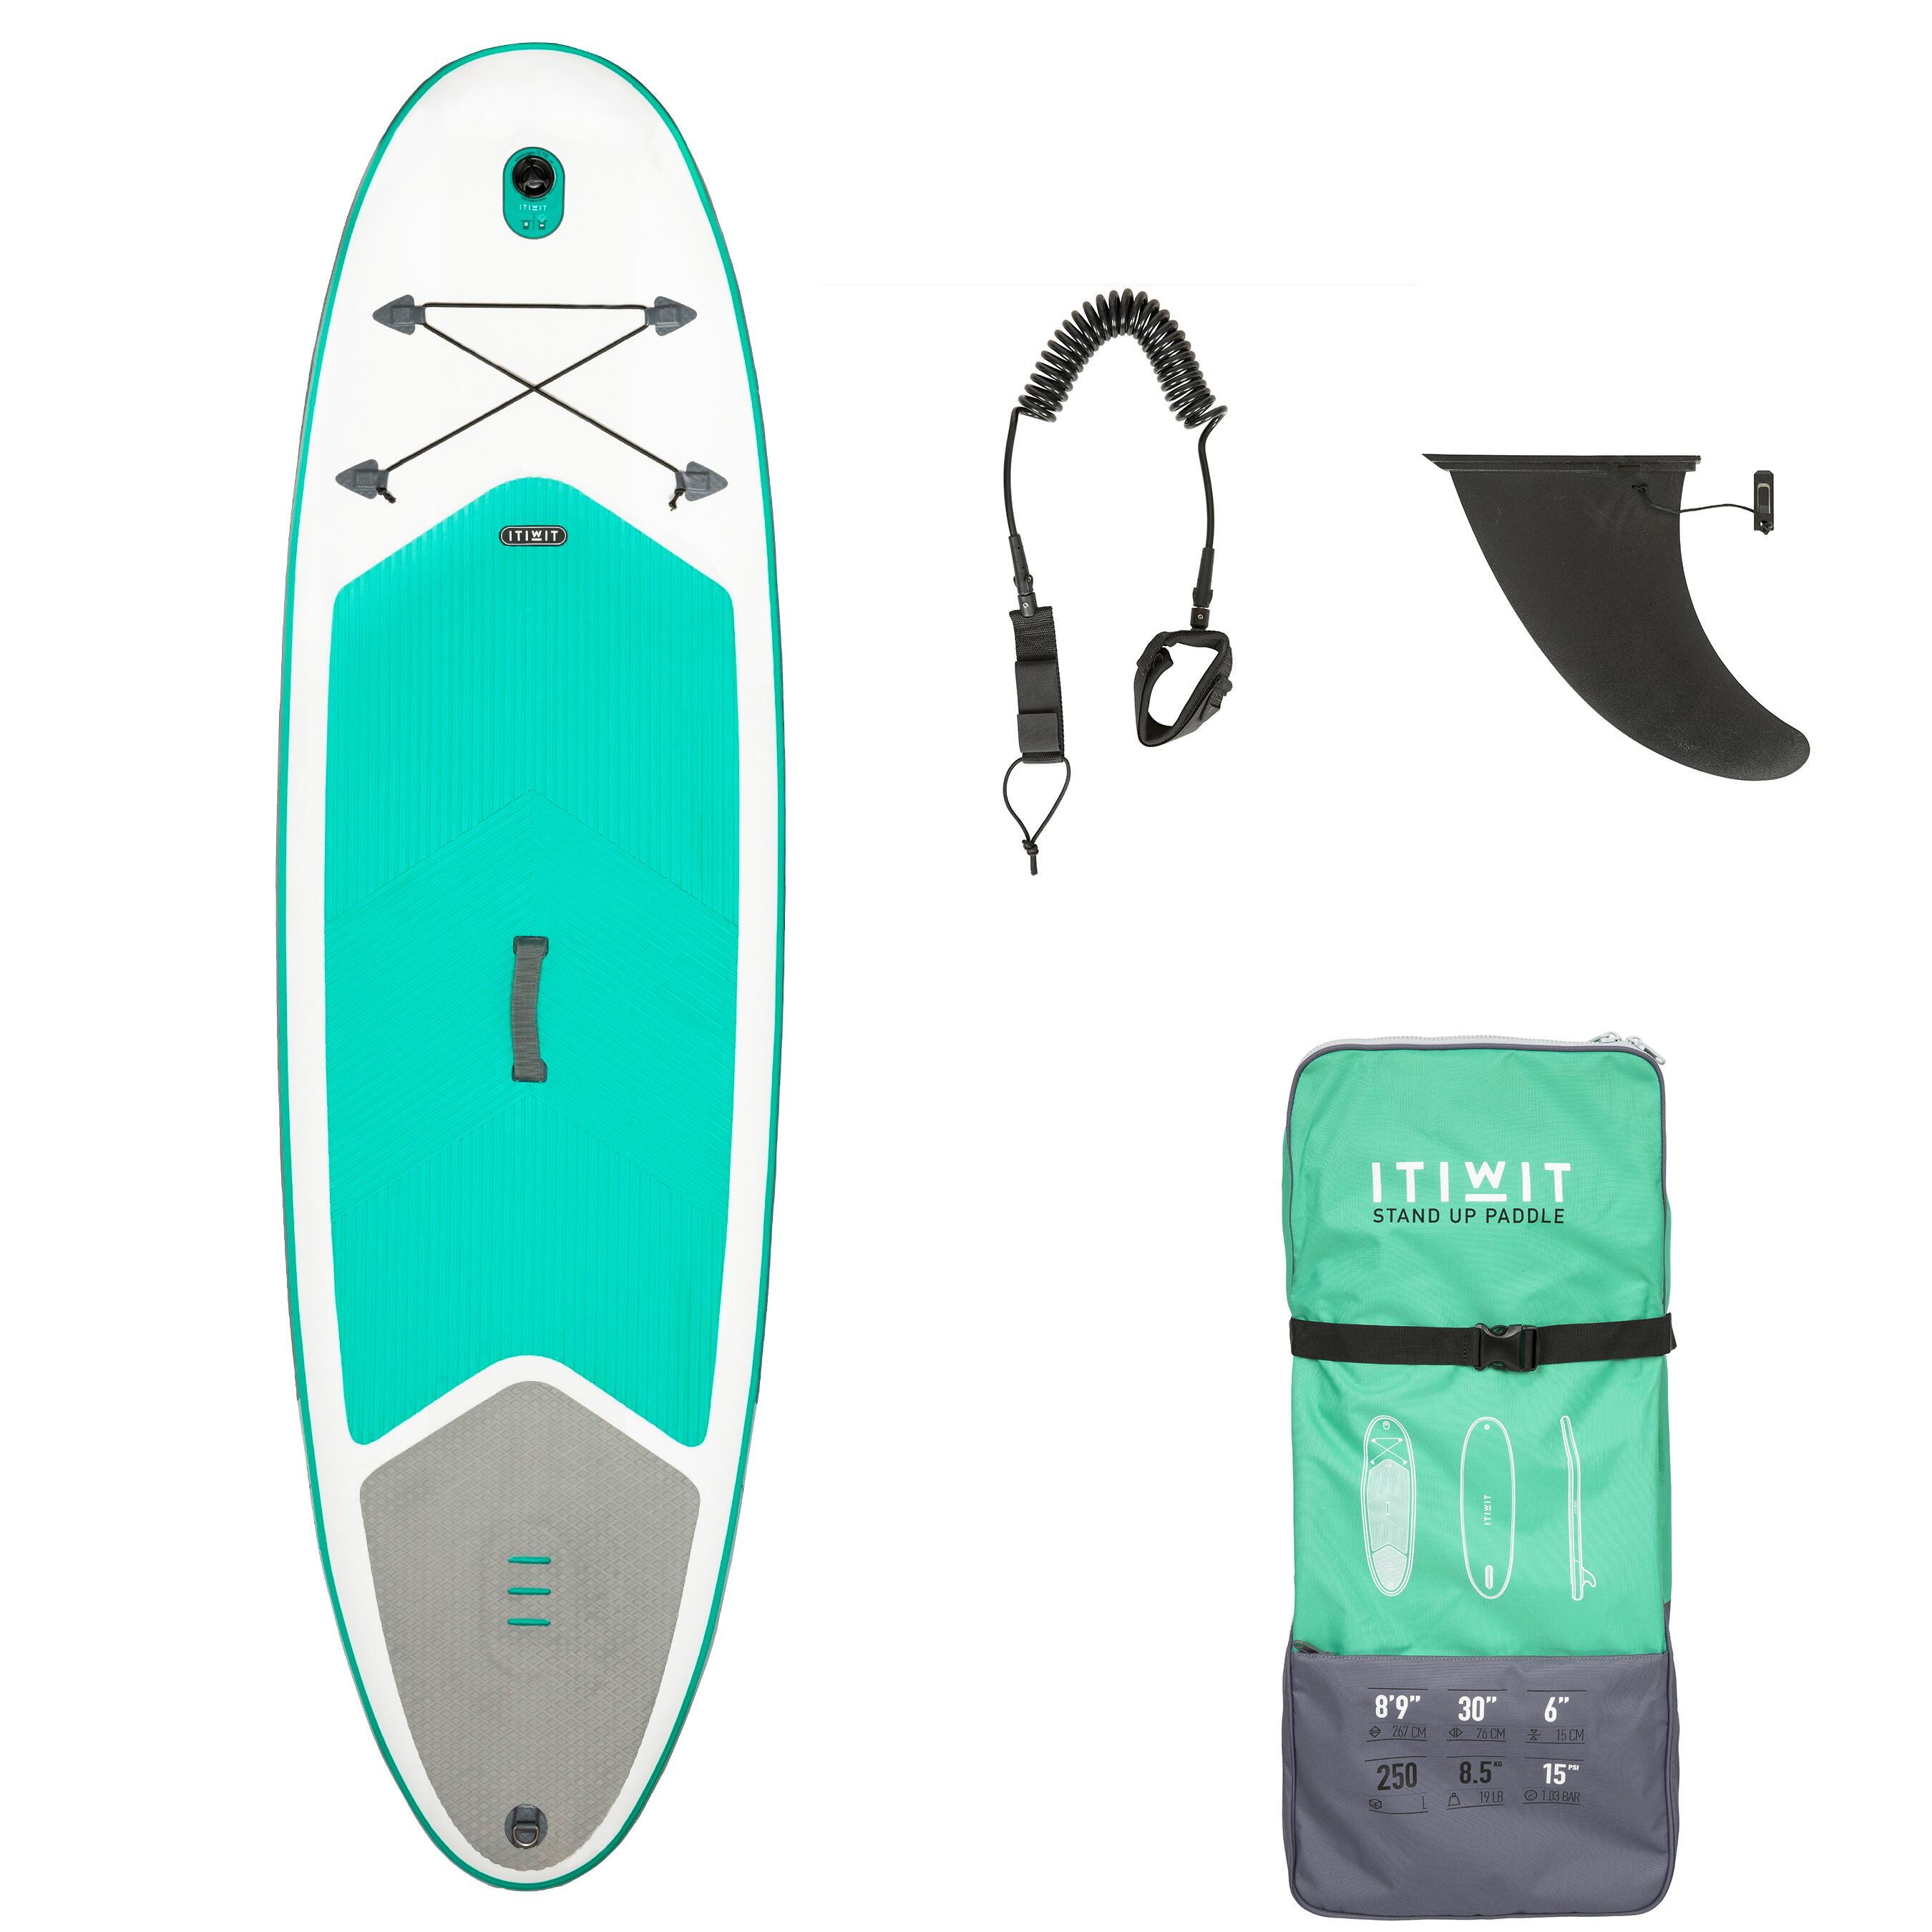 Itiwit Opblaasbaar stand-up paddle board voor tochten 100 - 8'9 groen